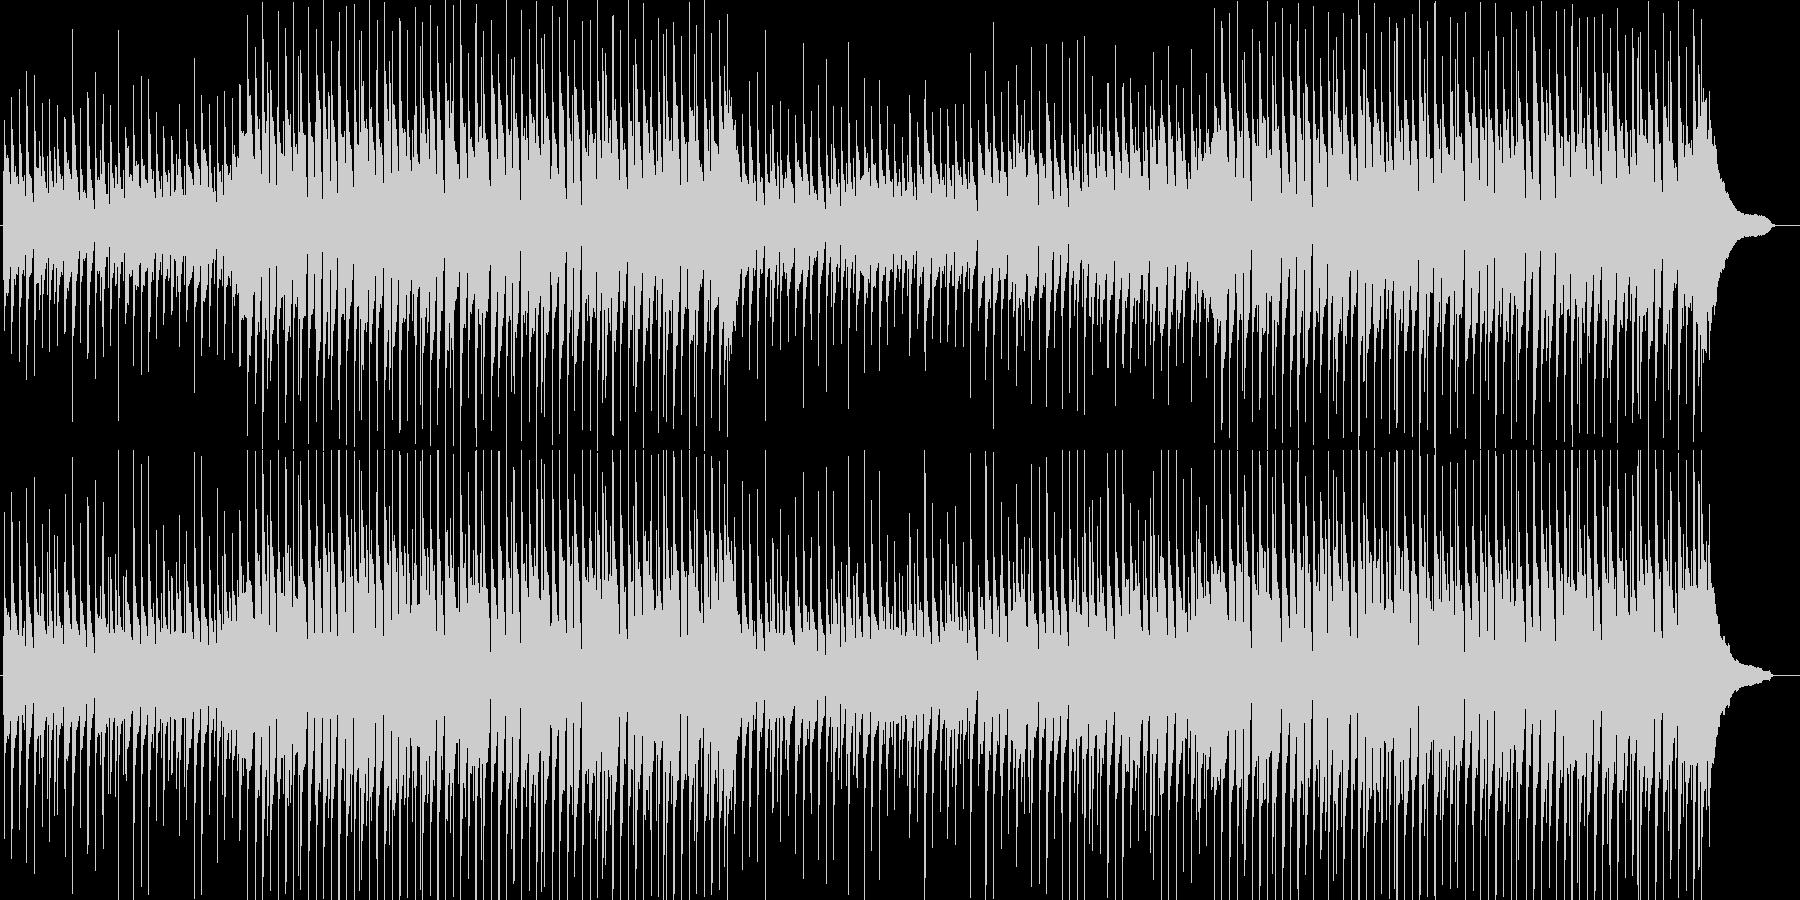 ウクレレ、ほのぼの、南国、夏、ビーチ、Fの未再生の波形